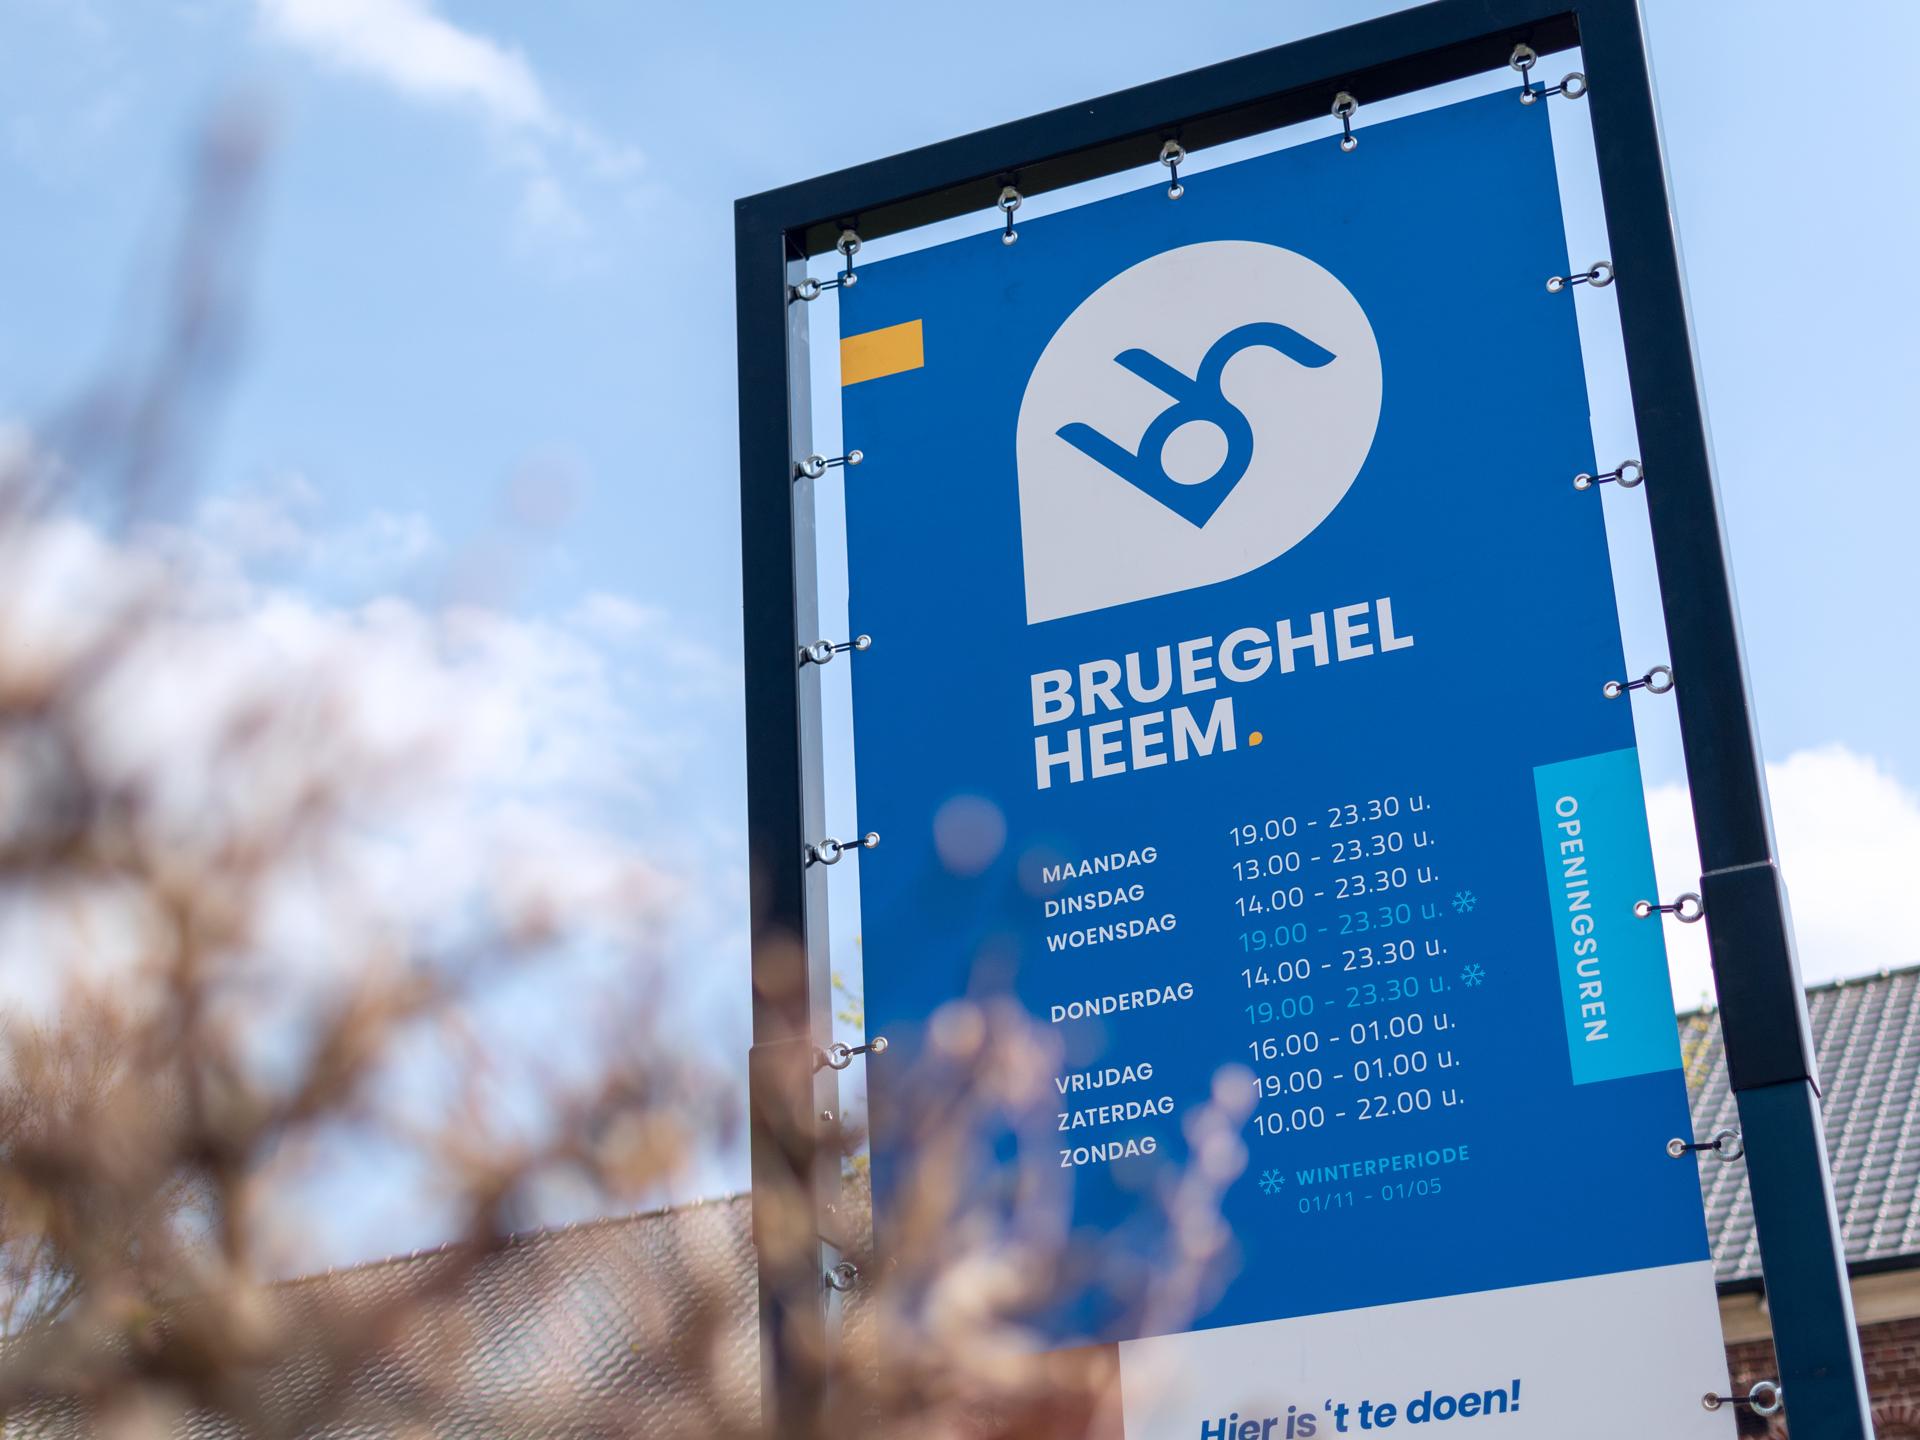 Brueghelheem